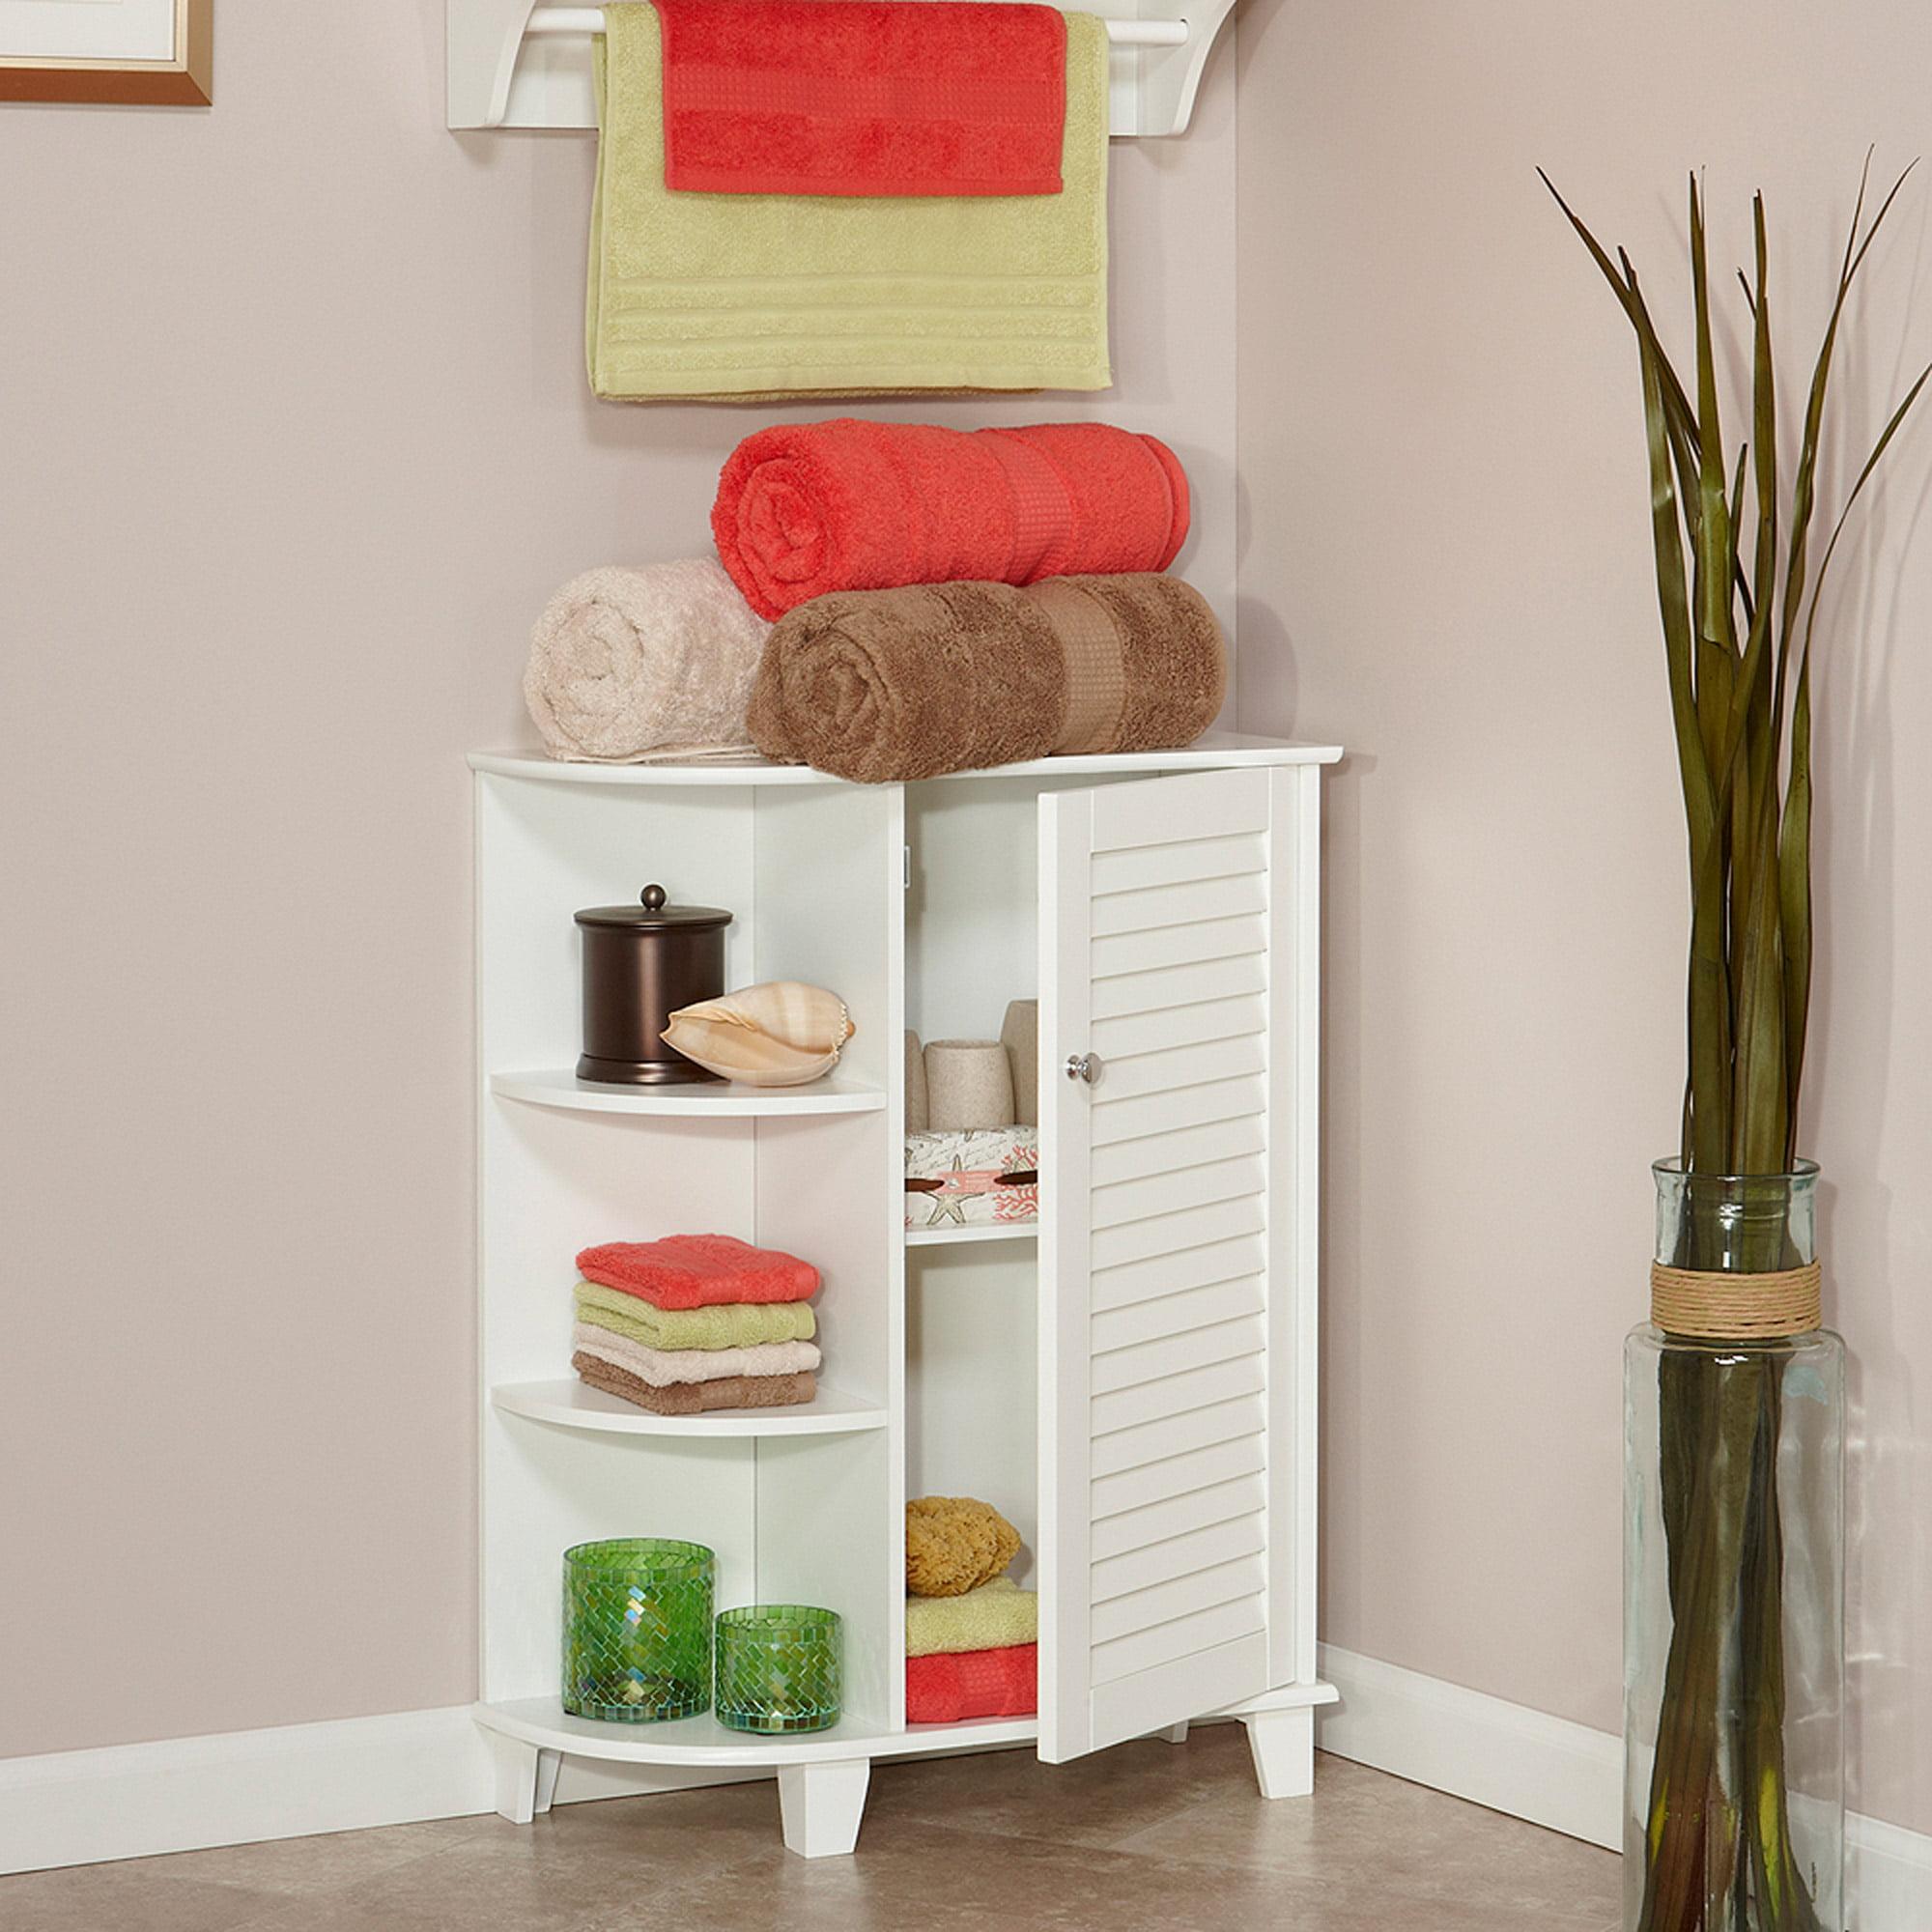 RiverRidge Ellsworth Floor Cabinet with Side Shelves, White